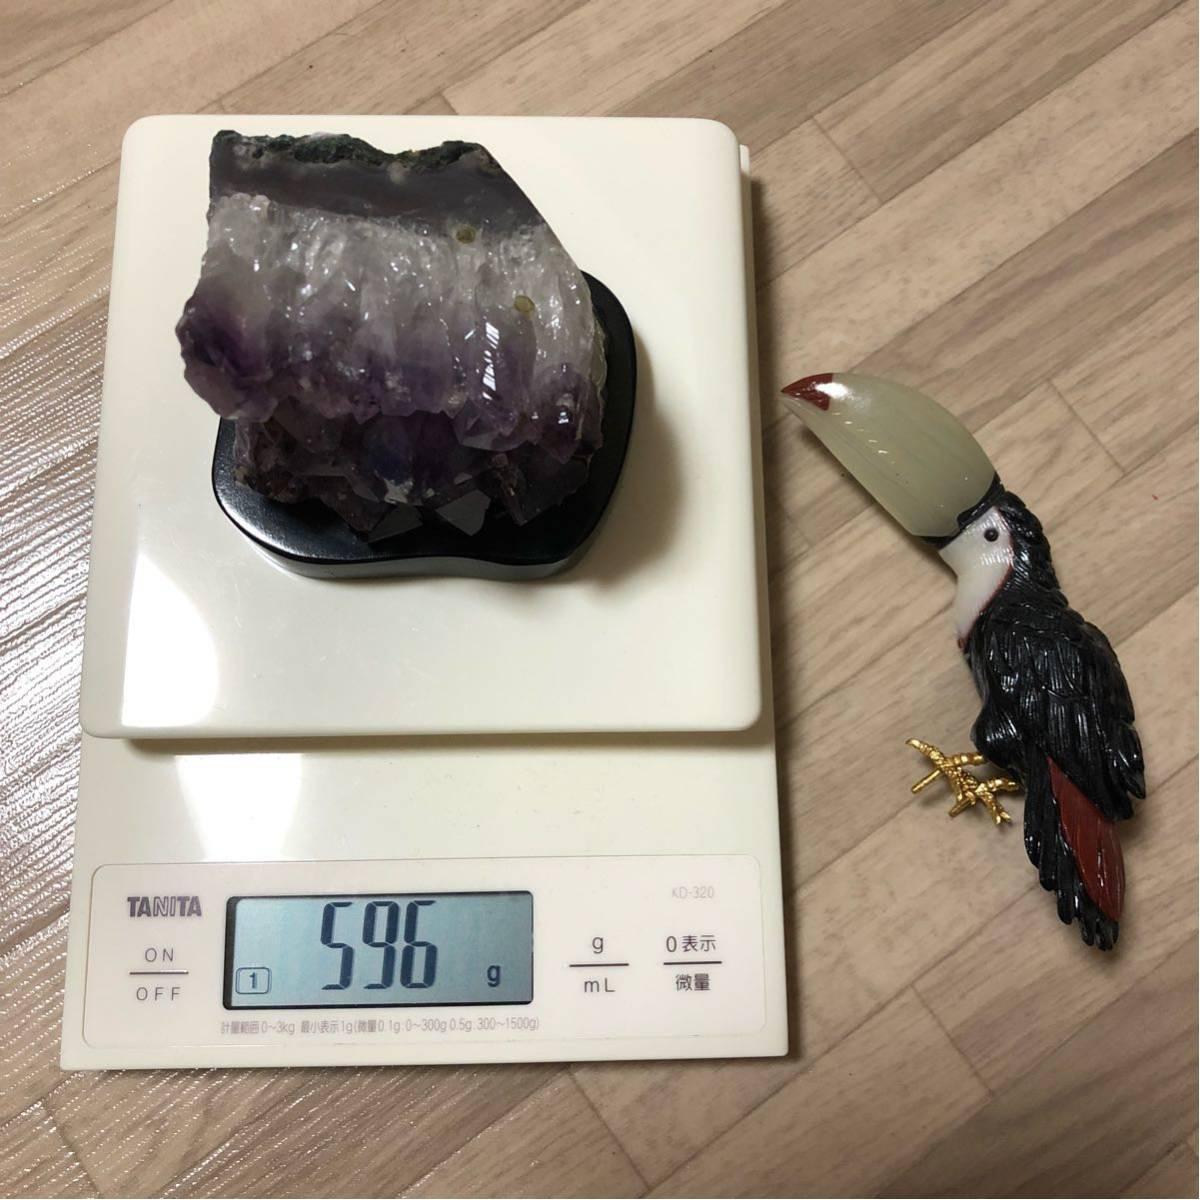 アメジスト 596g 天然石 オブジェ 鳥付き 原石 パワースポット 紫水晶 結晶 誠実 真実の愛 置物_画像9